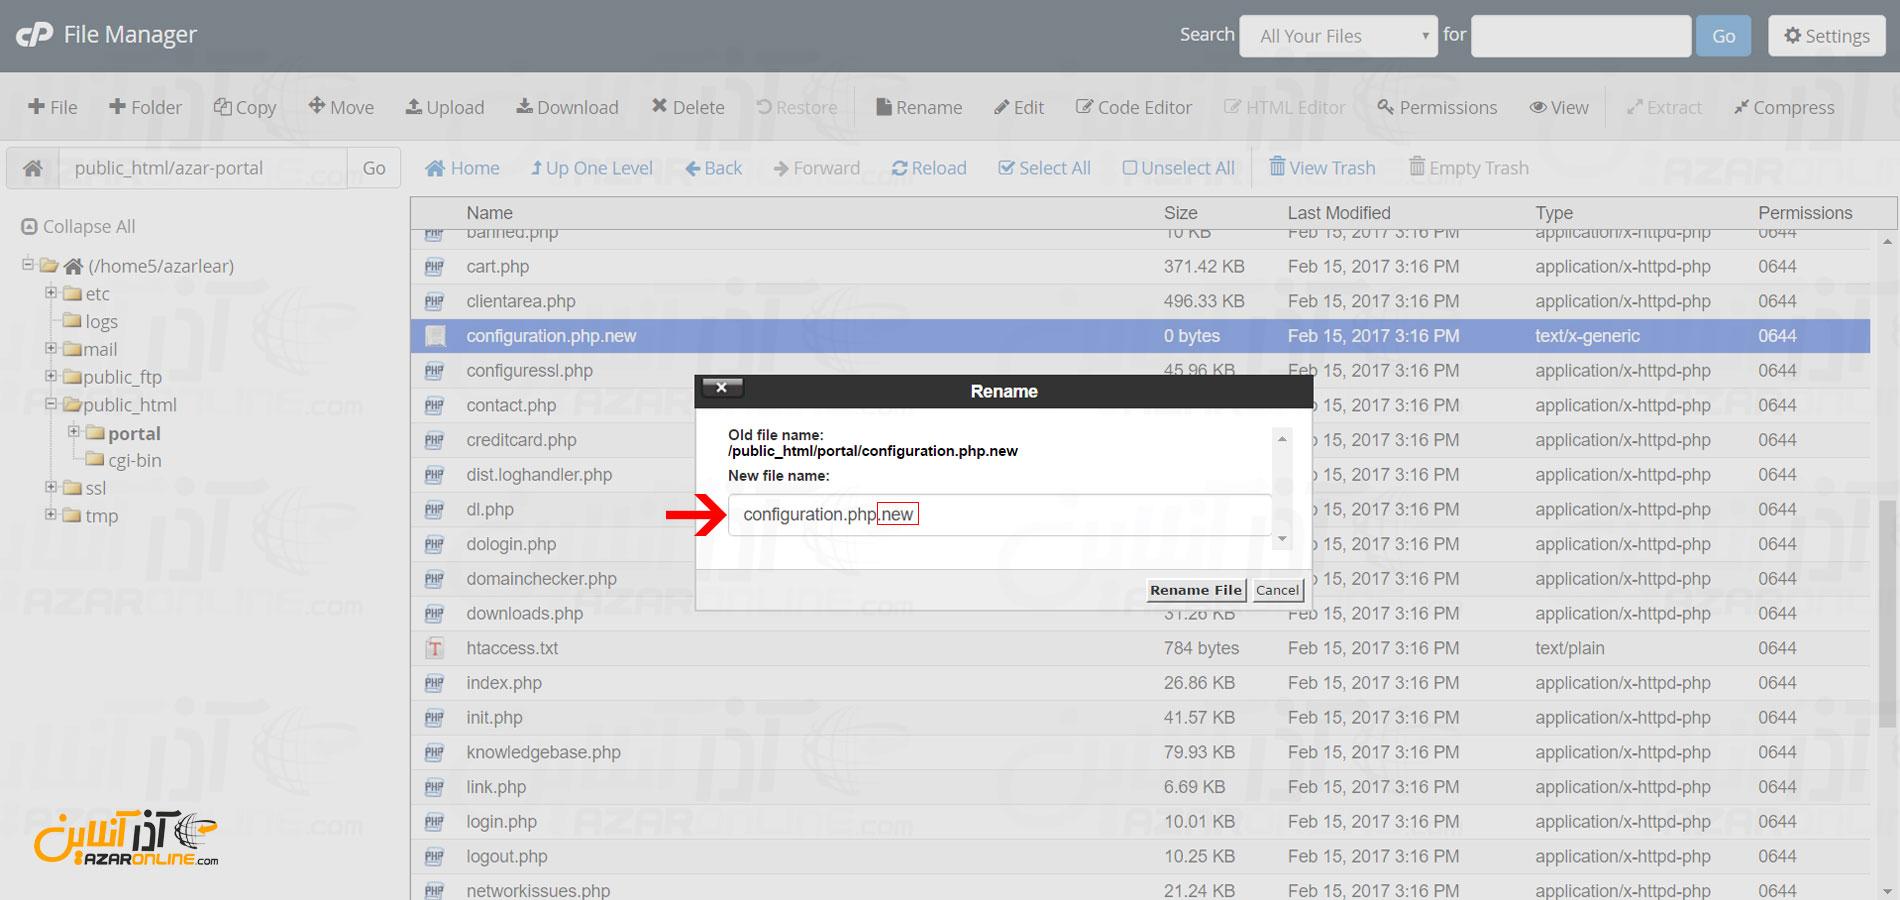 تغییز نام فایل configuration.php.new